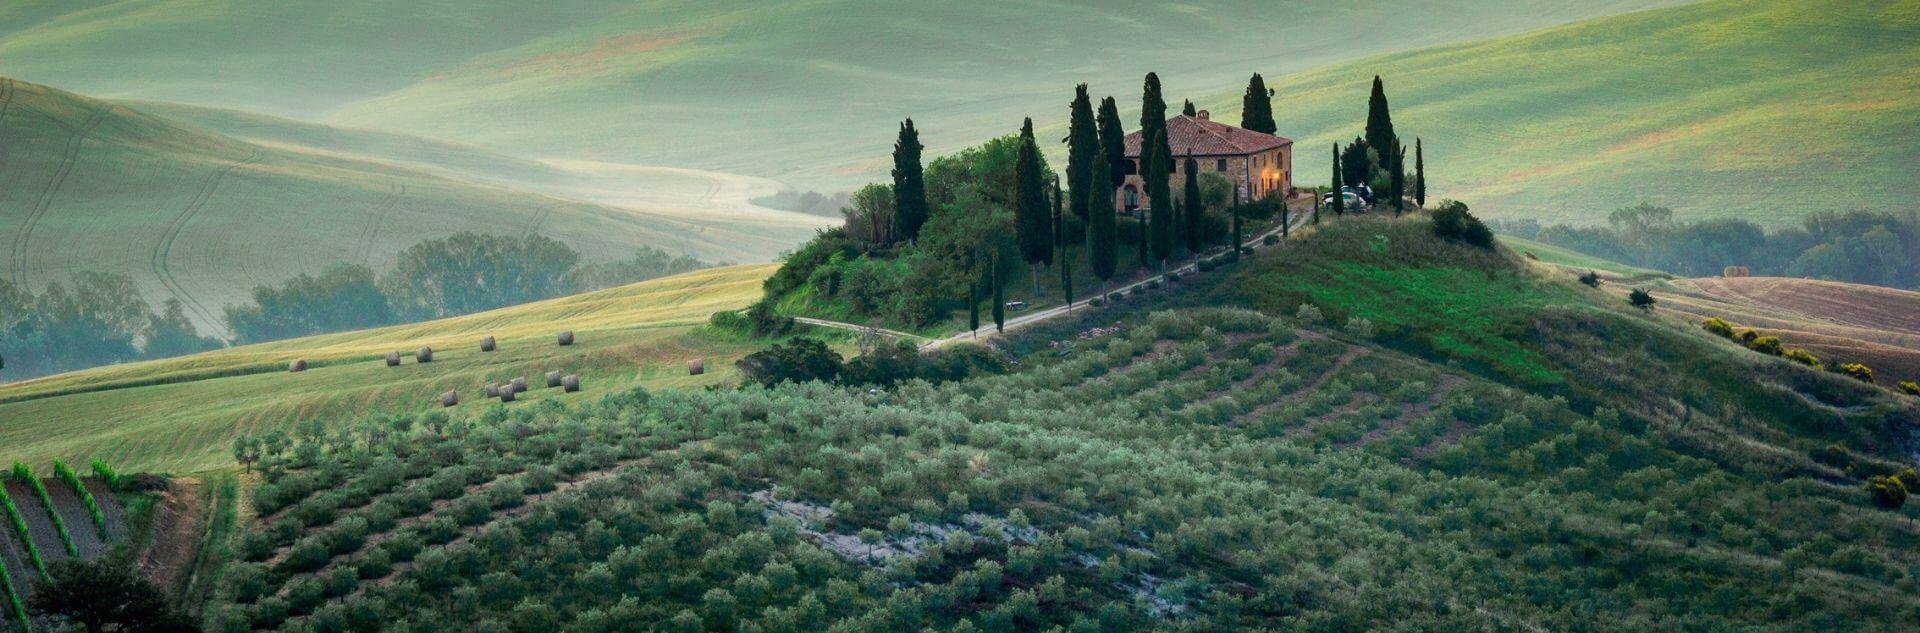 Weingut auf Hügel in der Toskana